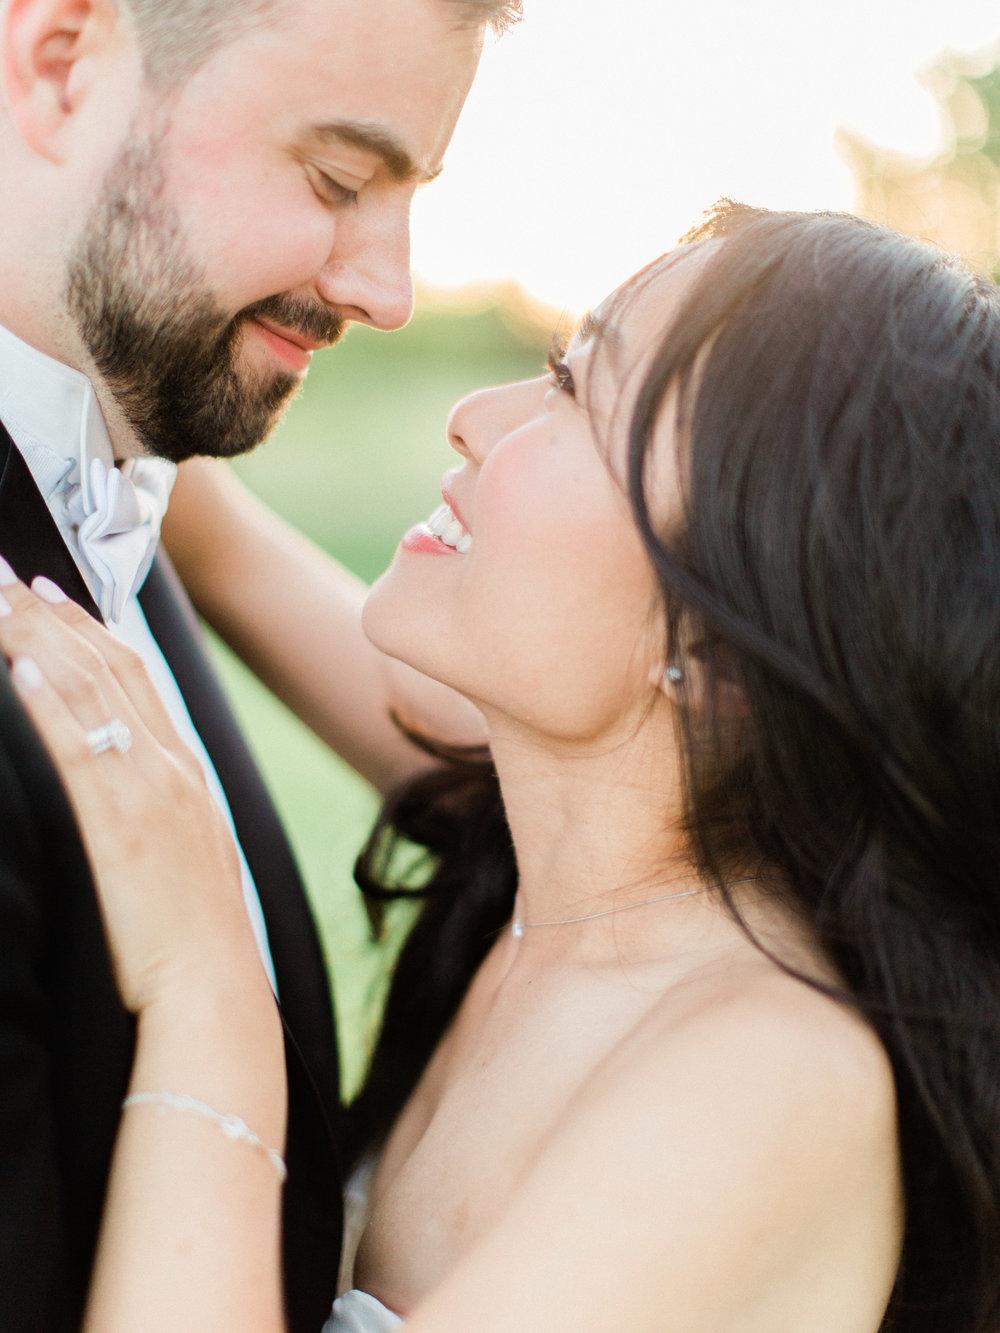 914a4b618112-Stephanie___Alec_Wedding_2018_828.jpg